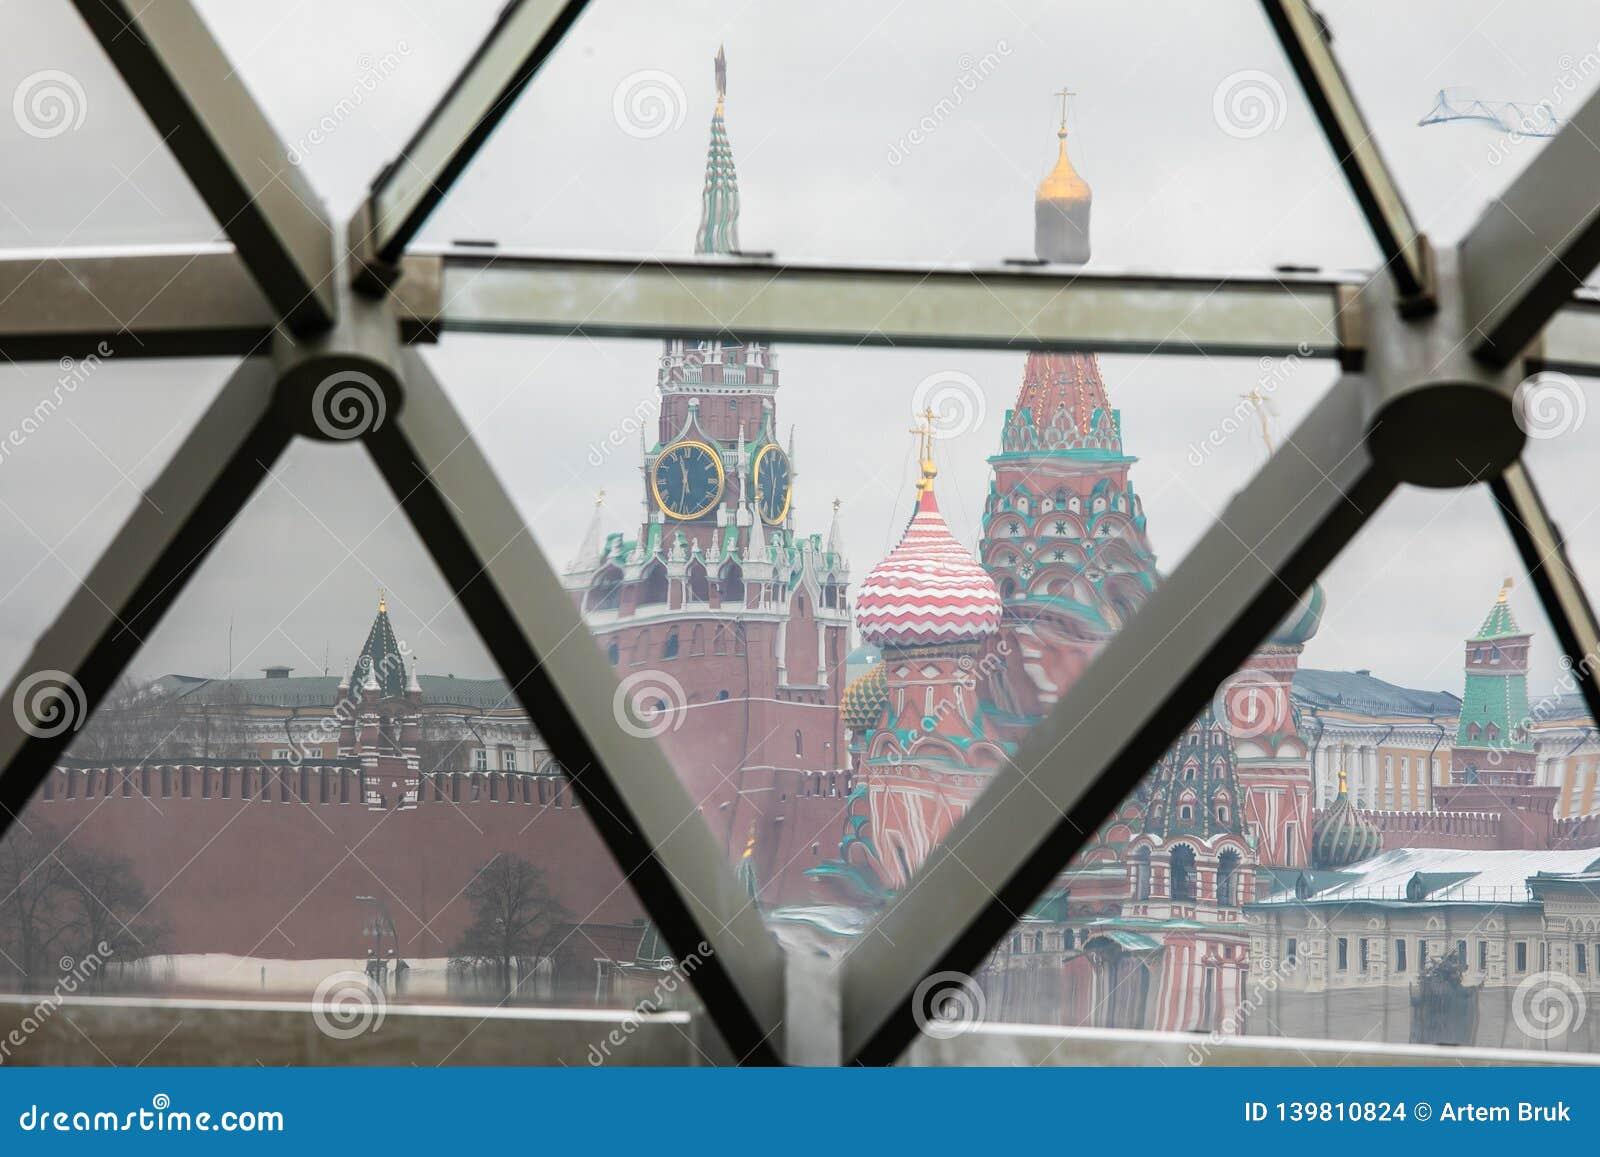 Moscou, Rússia - 10 de dezembro de 2018: vista do Kremlin de Moscou e da catedral da manjericão do St através do vidro